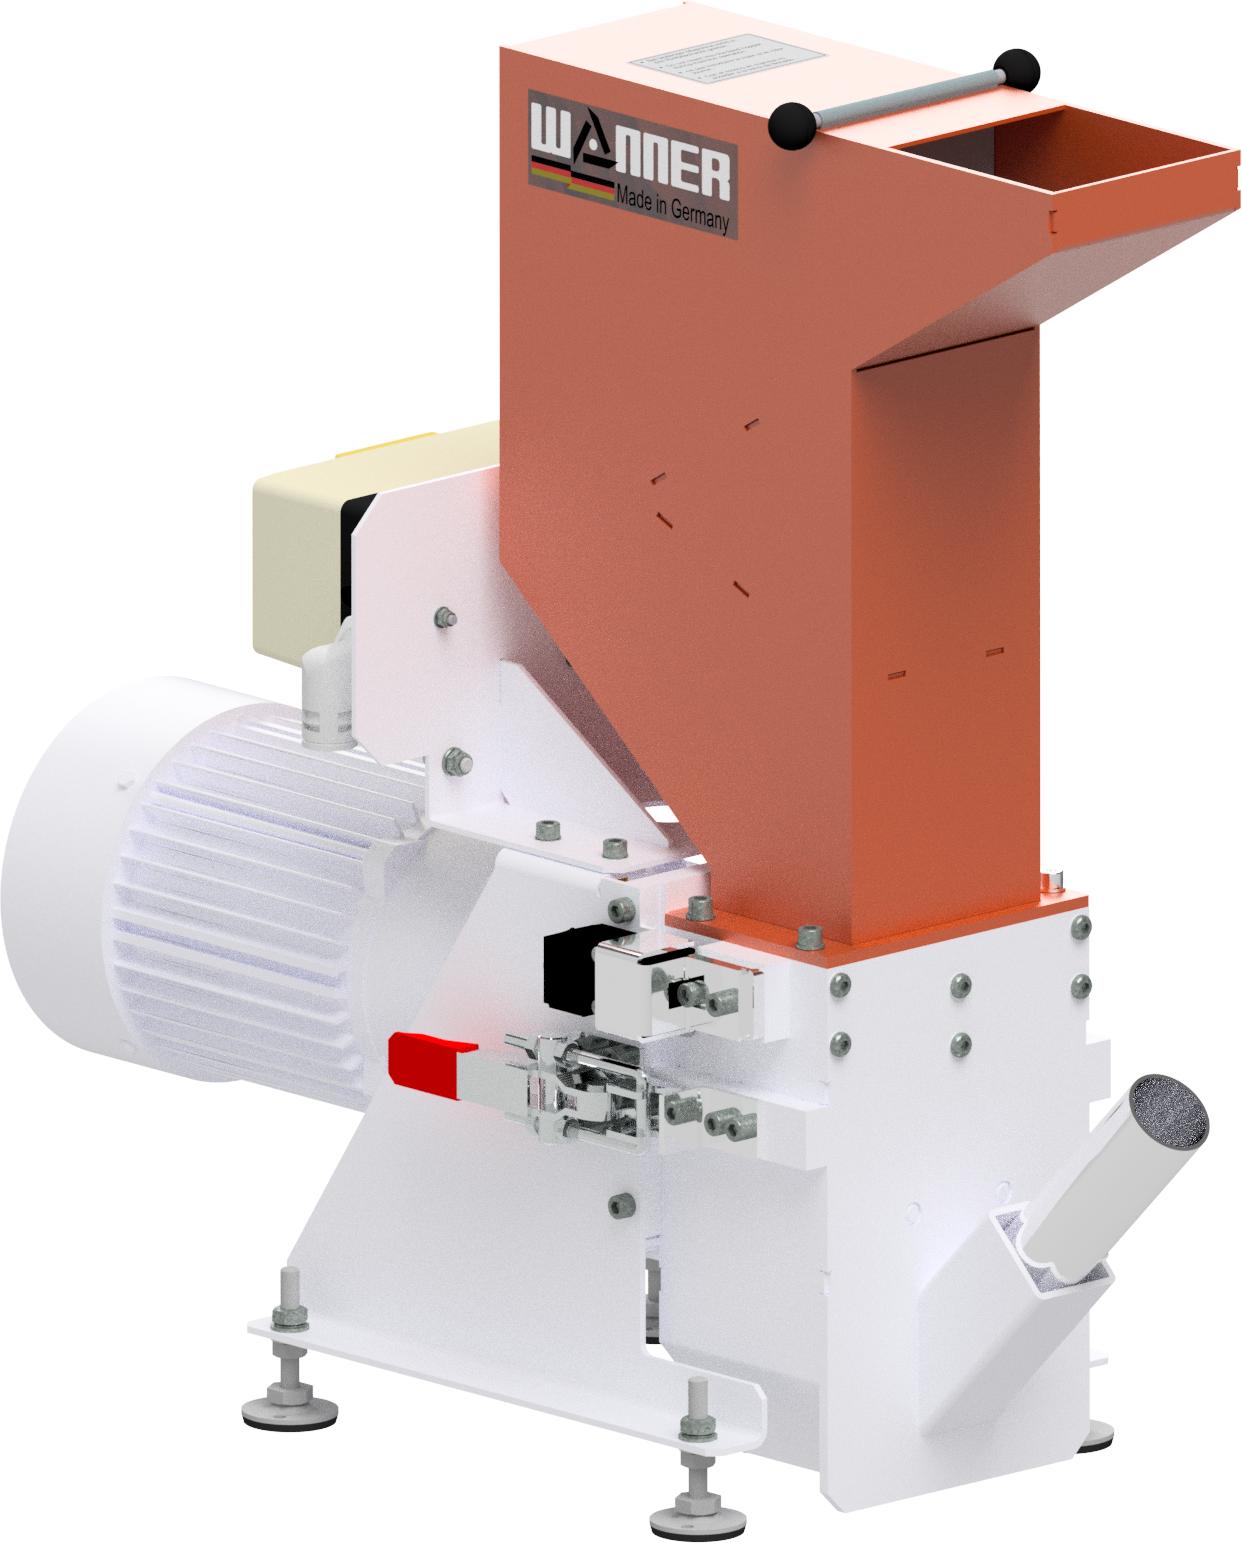 Bild der Wanner B08.10 Kunststoffschneidmühle. ISO Ansicht. Die Schneidmühle für Plastik und Kunststoffe, zentral oder als Beistellmühle. Liefert bei der Zerkleinerung von Angüssen, Butzen und Blasformen feinstes Mahlgut.